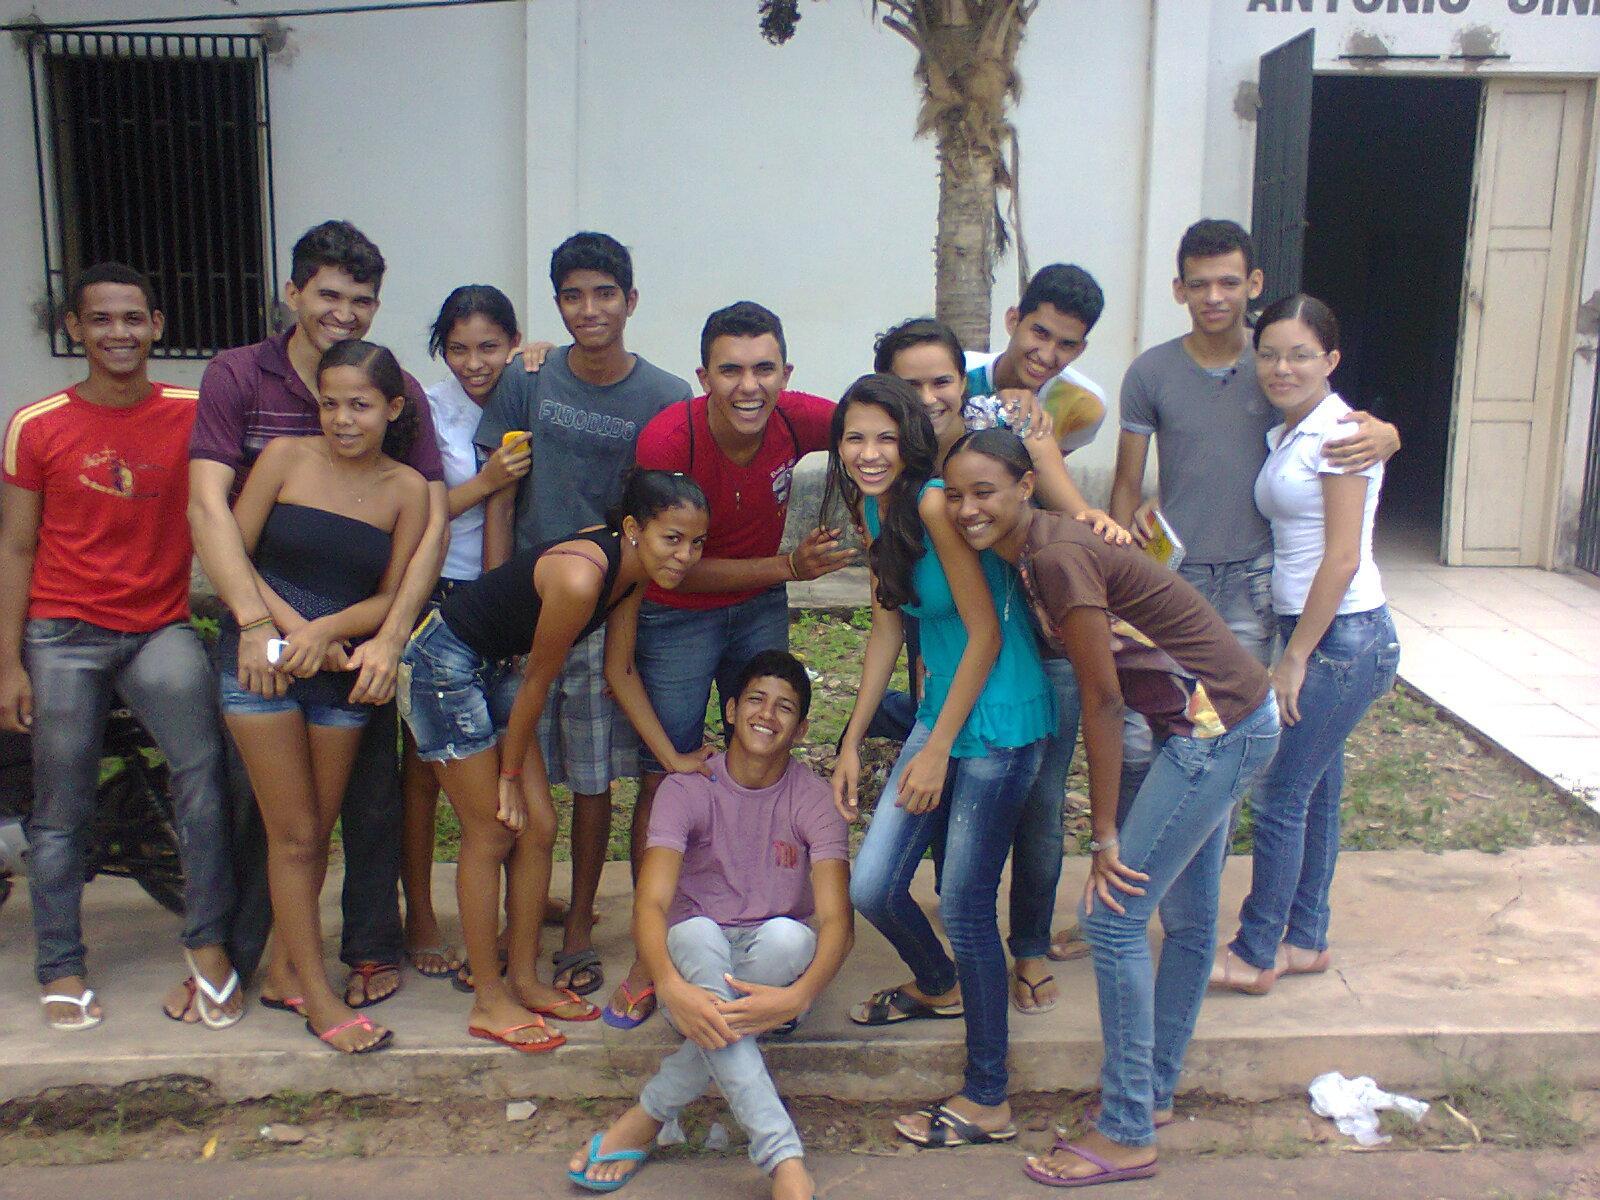 com o Grupo JOC (Juventude Operária Cristã) de Bom Jardim  MA